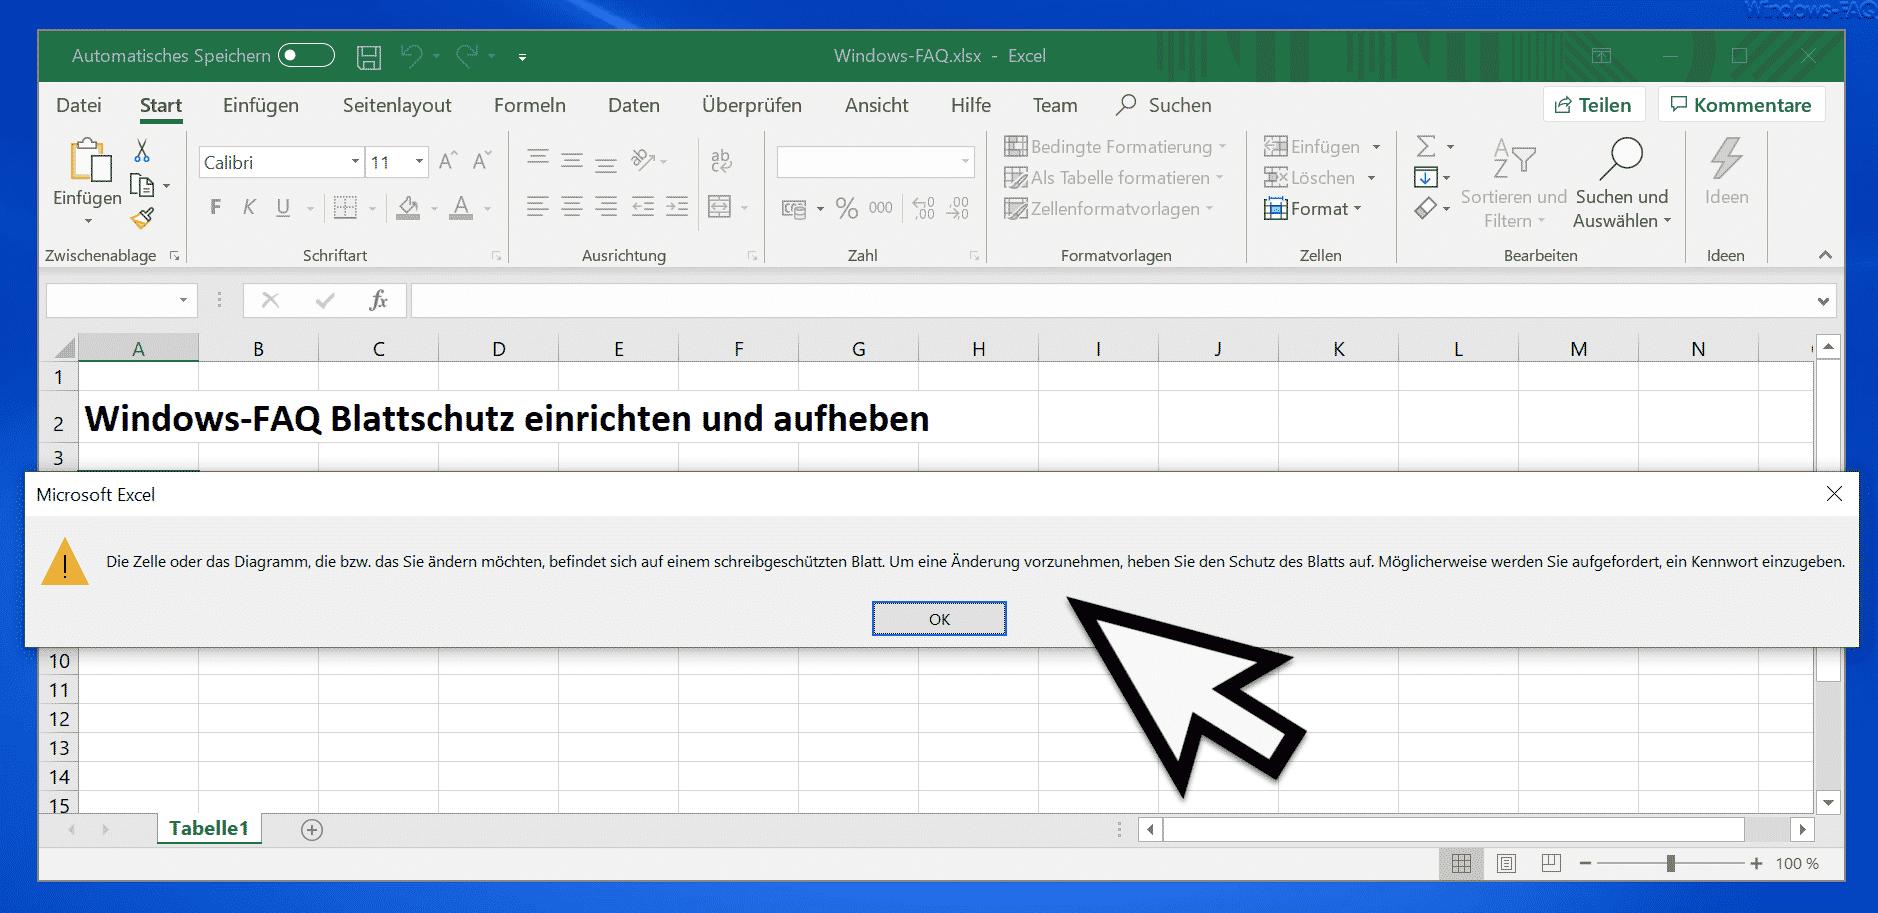 Excel Meldung schreibgeschütztes Blatt